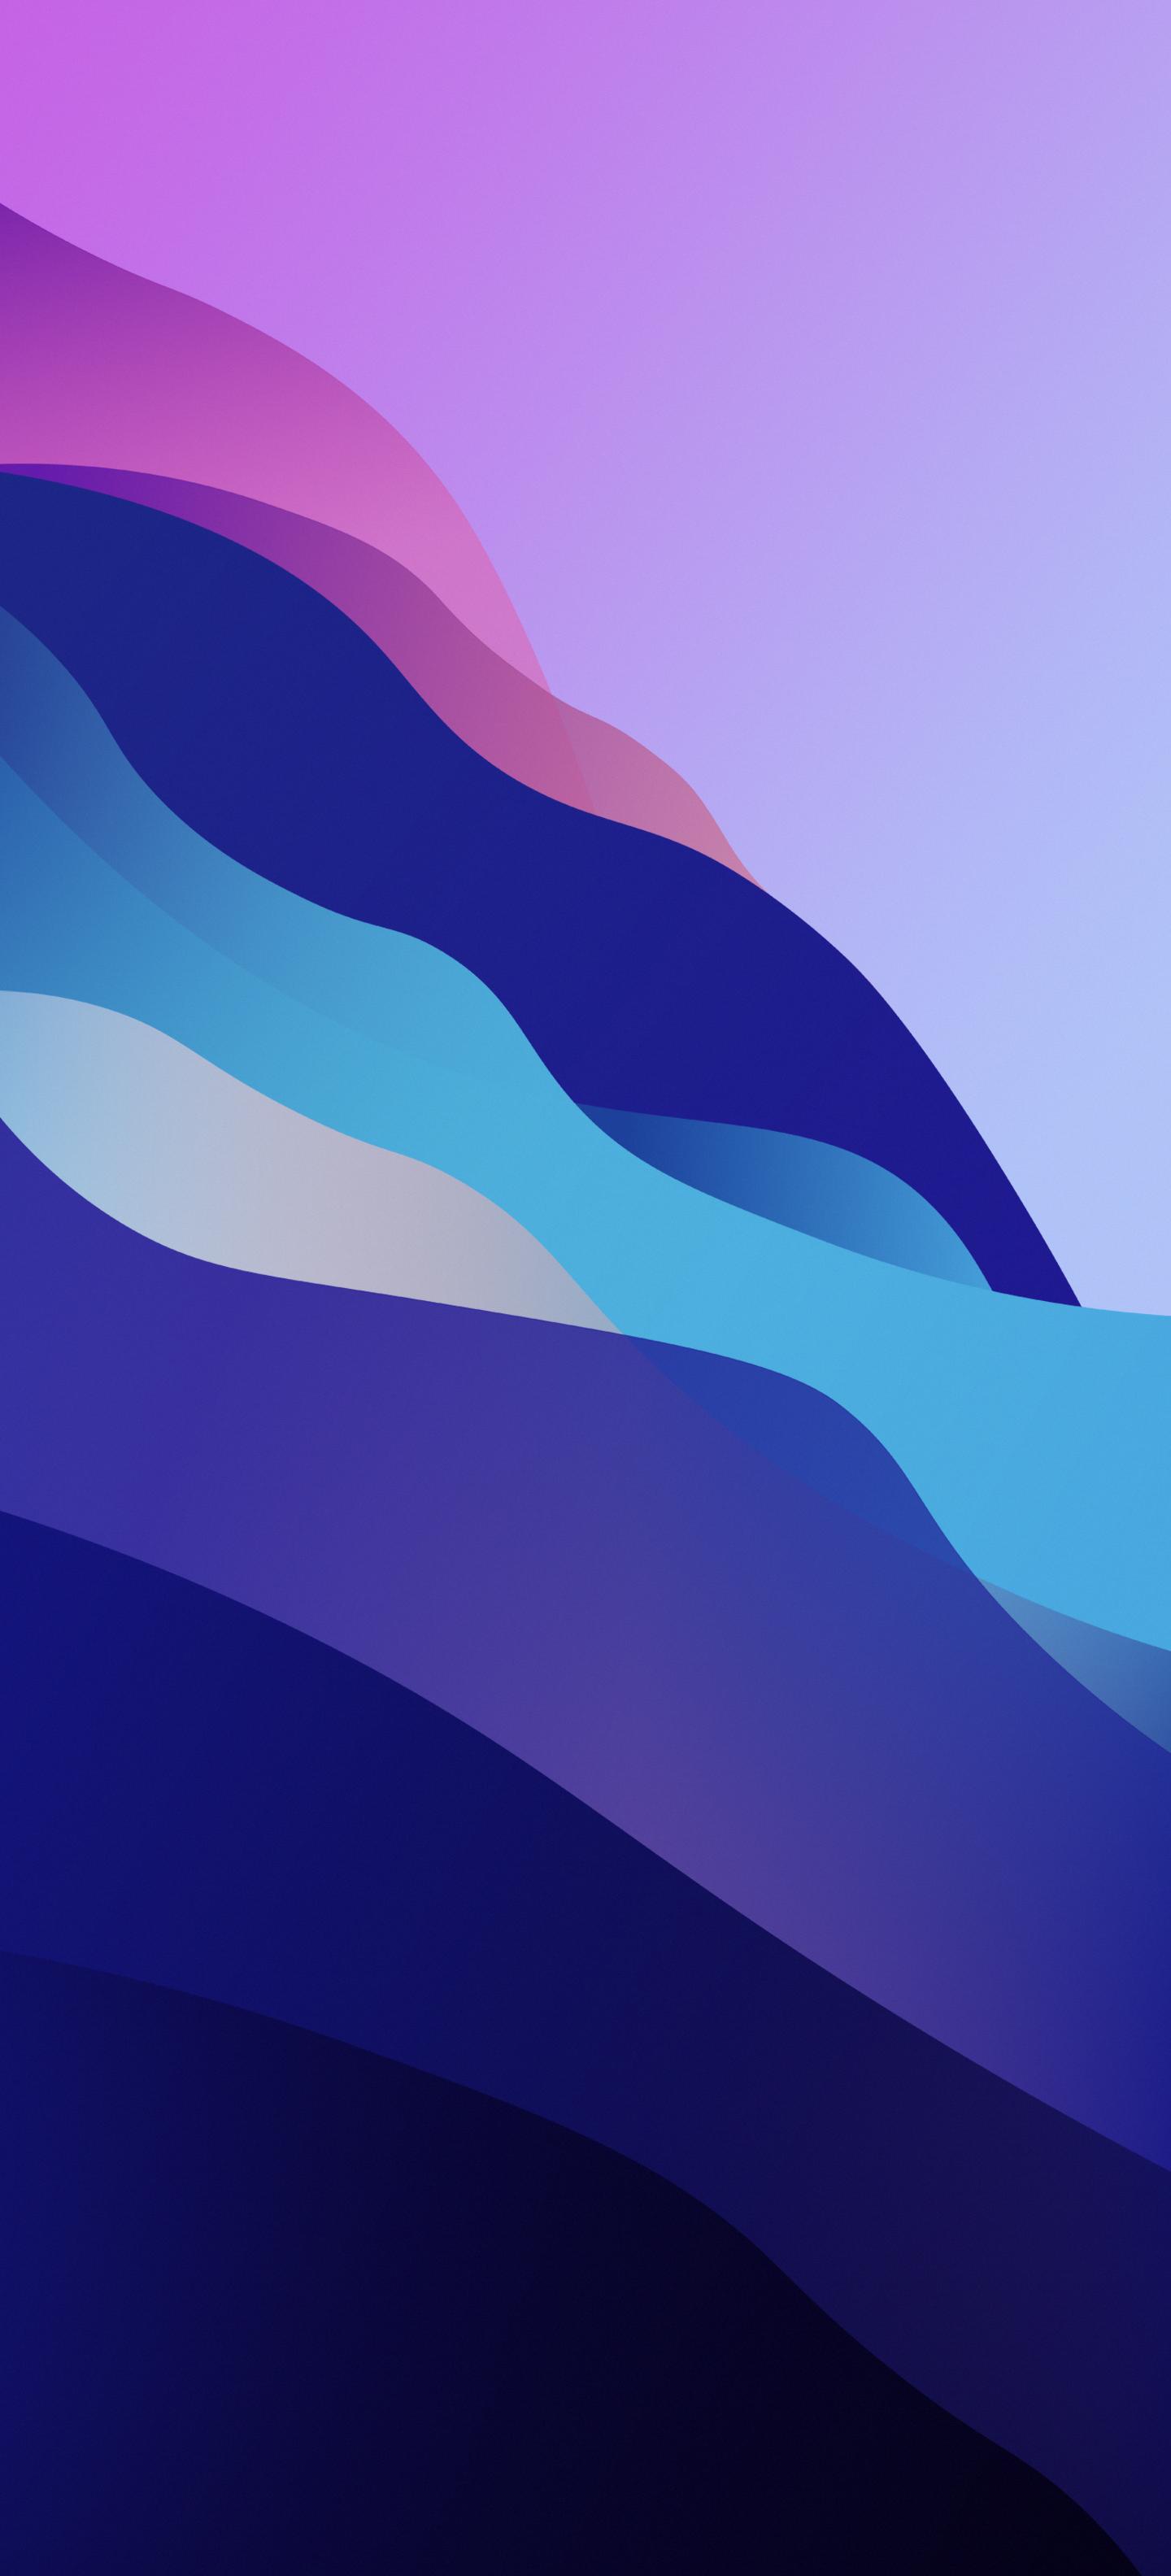 Sforum - Trang thông tin công nghệ mới nhất Waves-wallpaper-Arthur1992aS-iDownloadBlog-V4 Mời bạn tải về bộ hình nền iPhone theo chủ đề của macOS Monterey